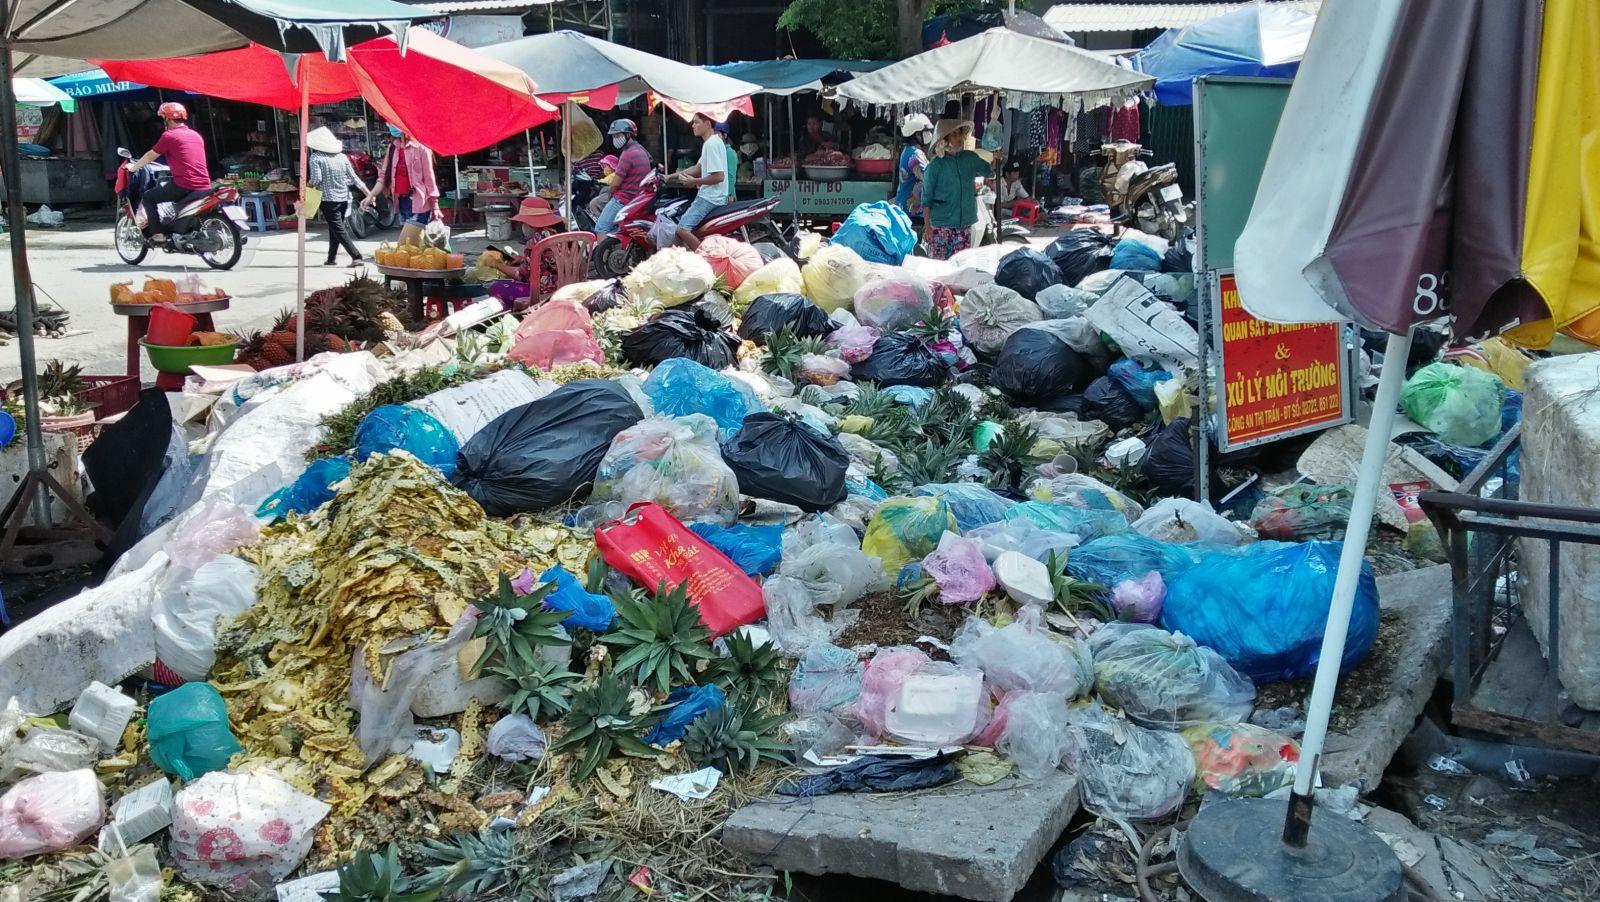 Một số địa điểm bãi đất trống, lề đường hay ở gần chợ vẫn có những đống rác tự phát gây ô nhiễm